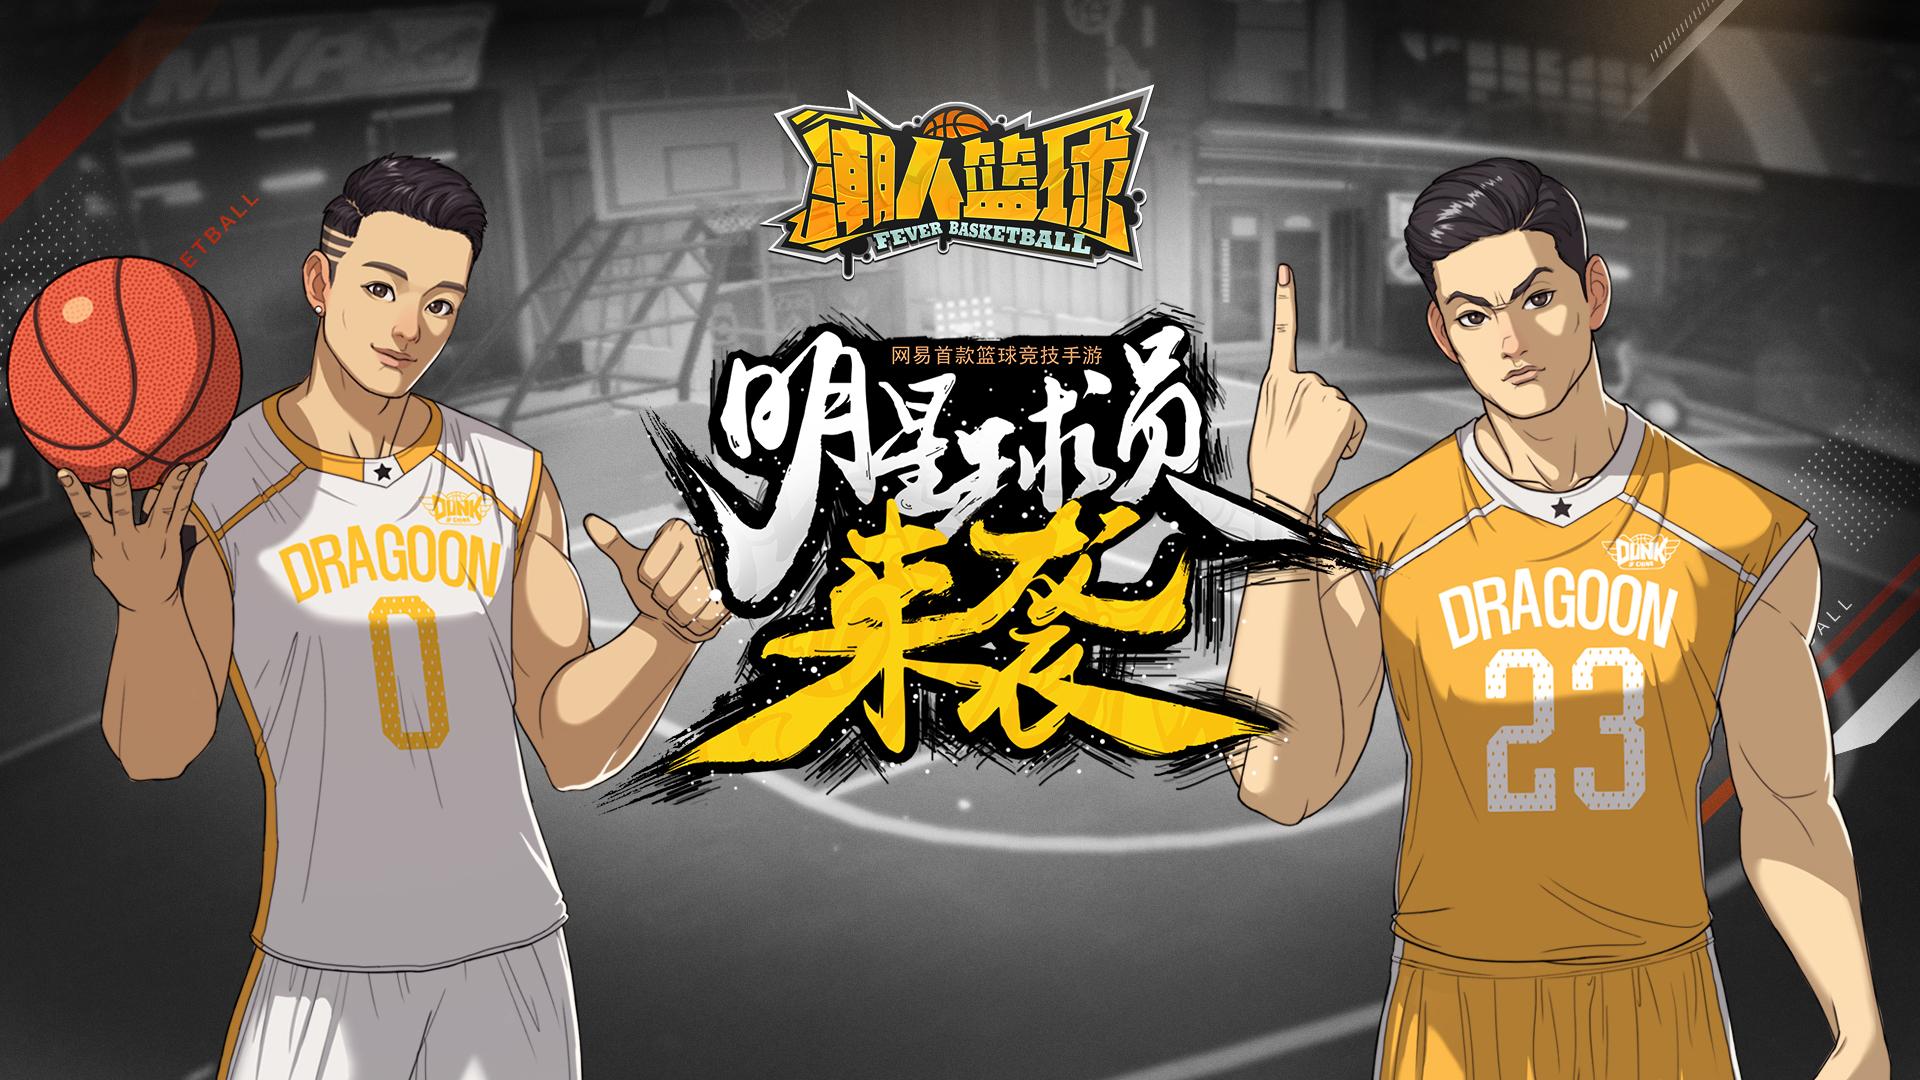 张宁周锐双代言,《潮人篮球》制霸灌篮球场!